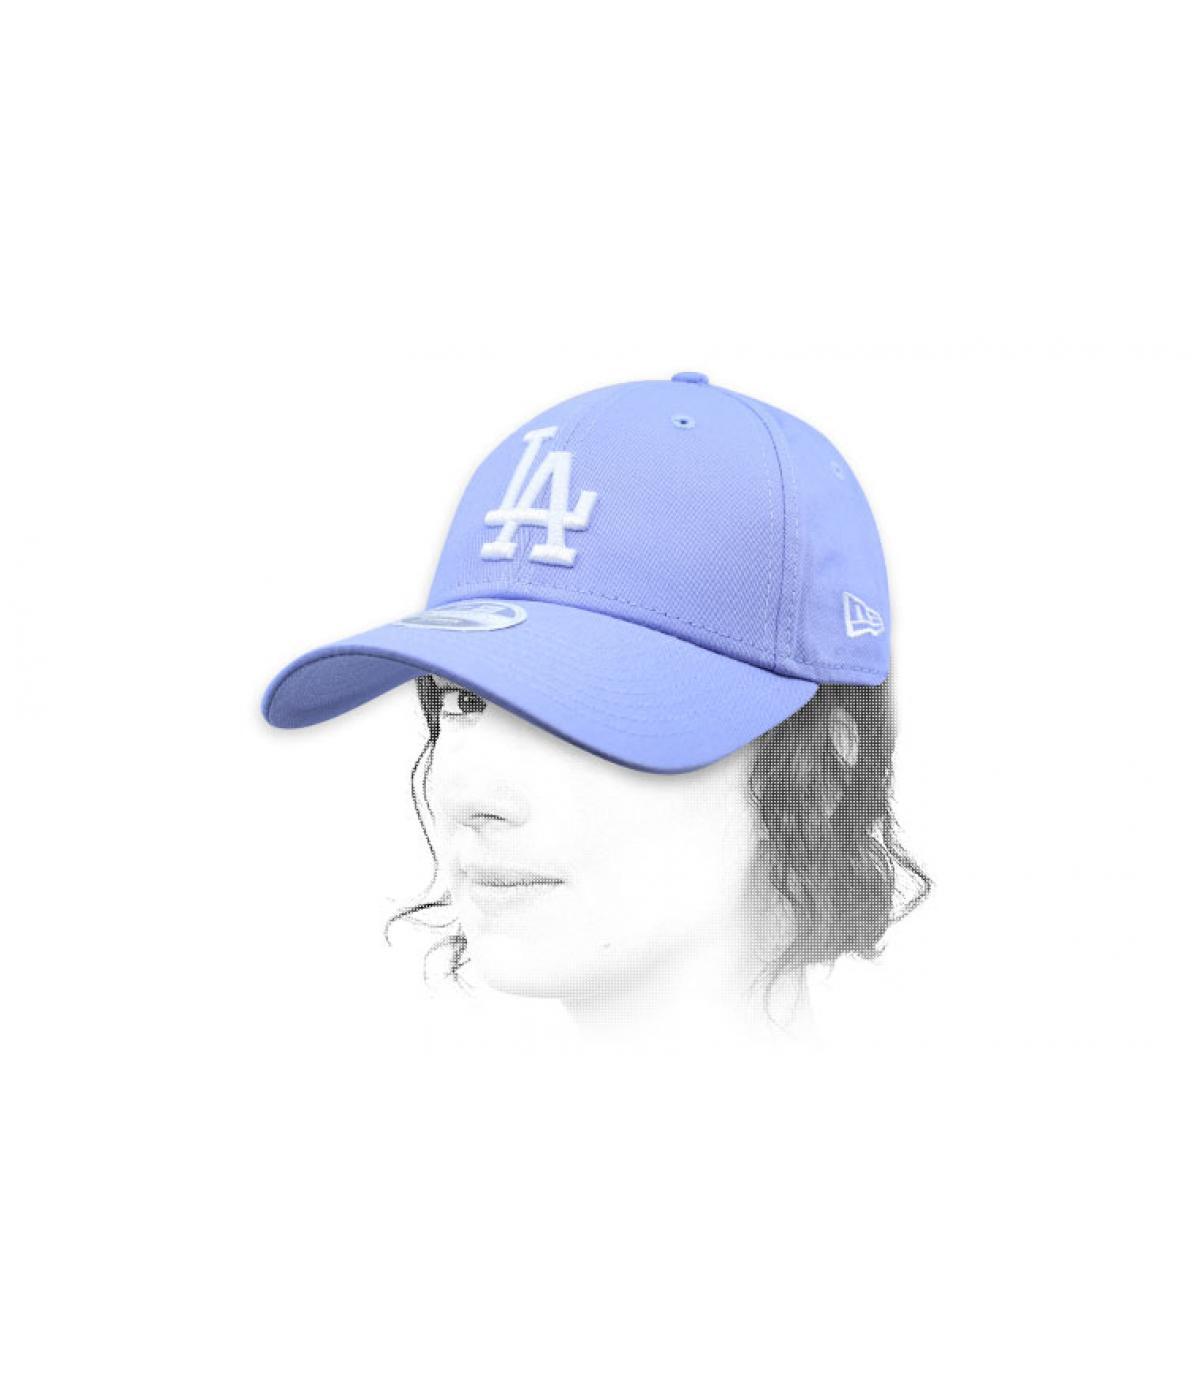 Cappello donna LA in blu